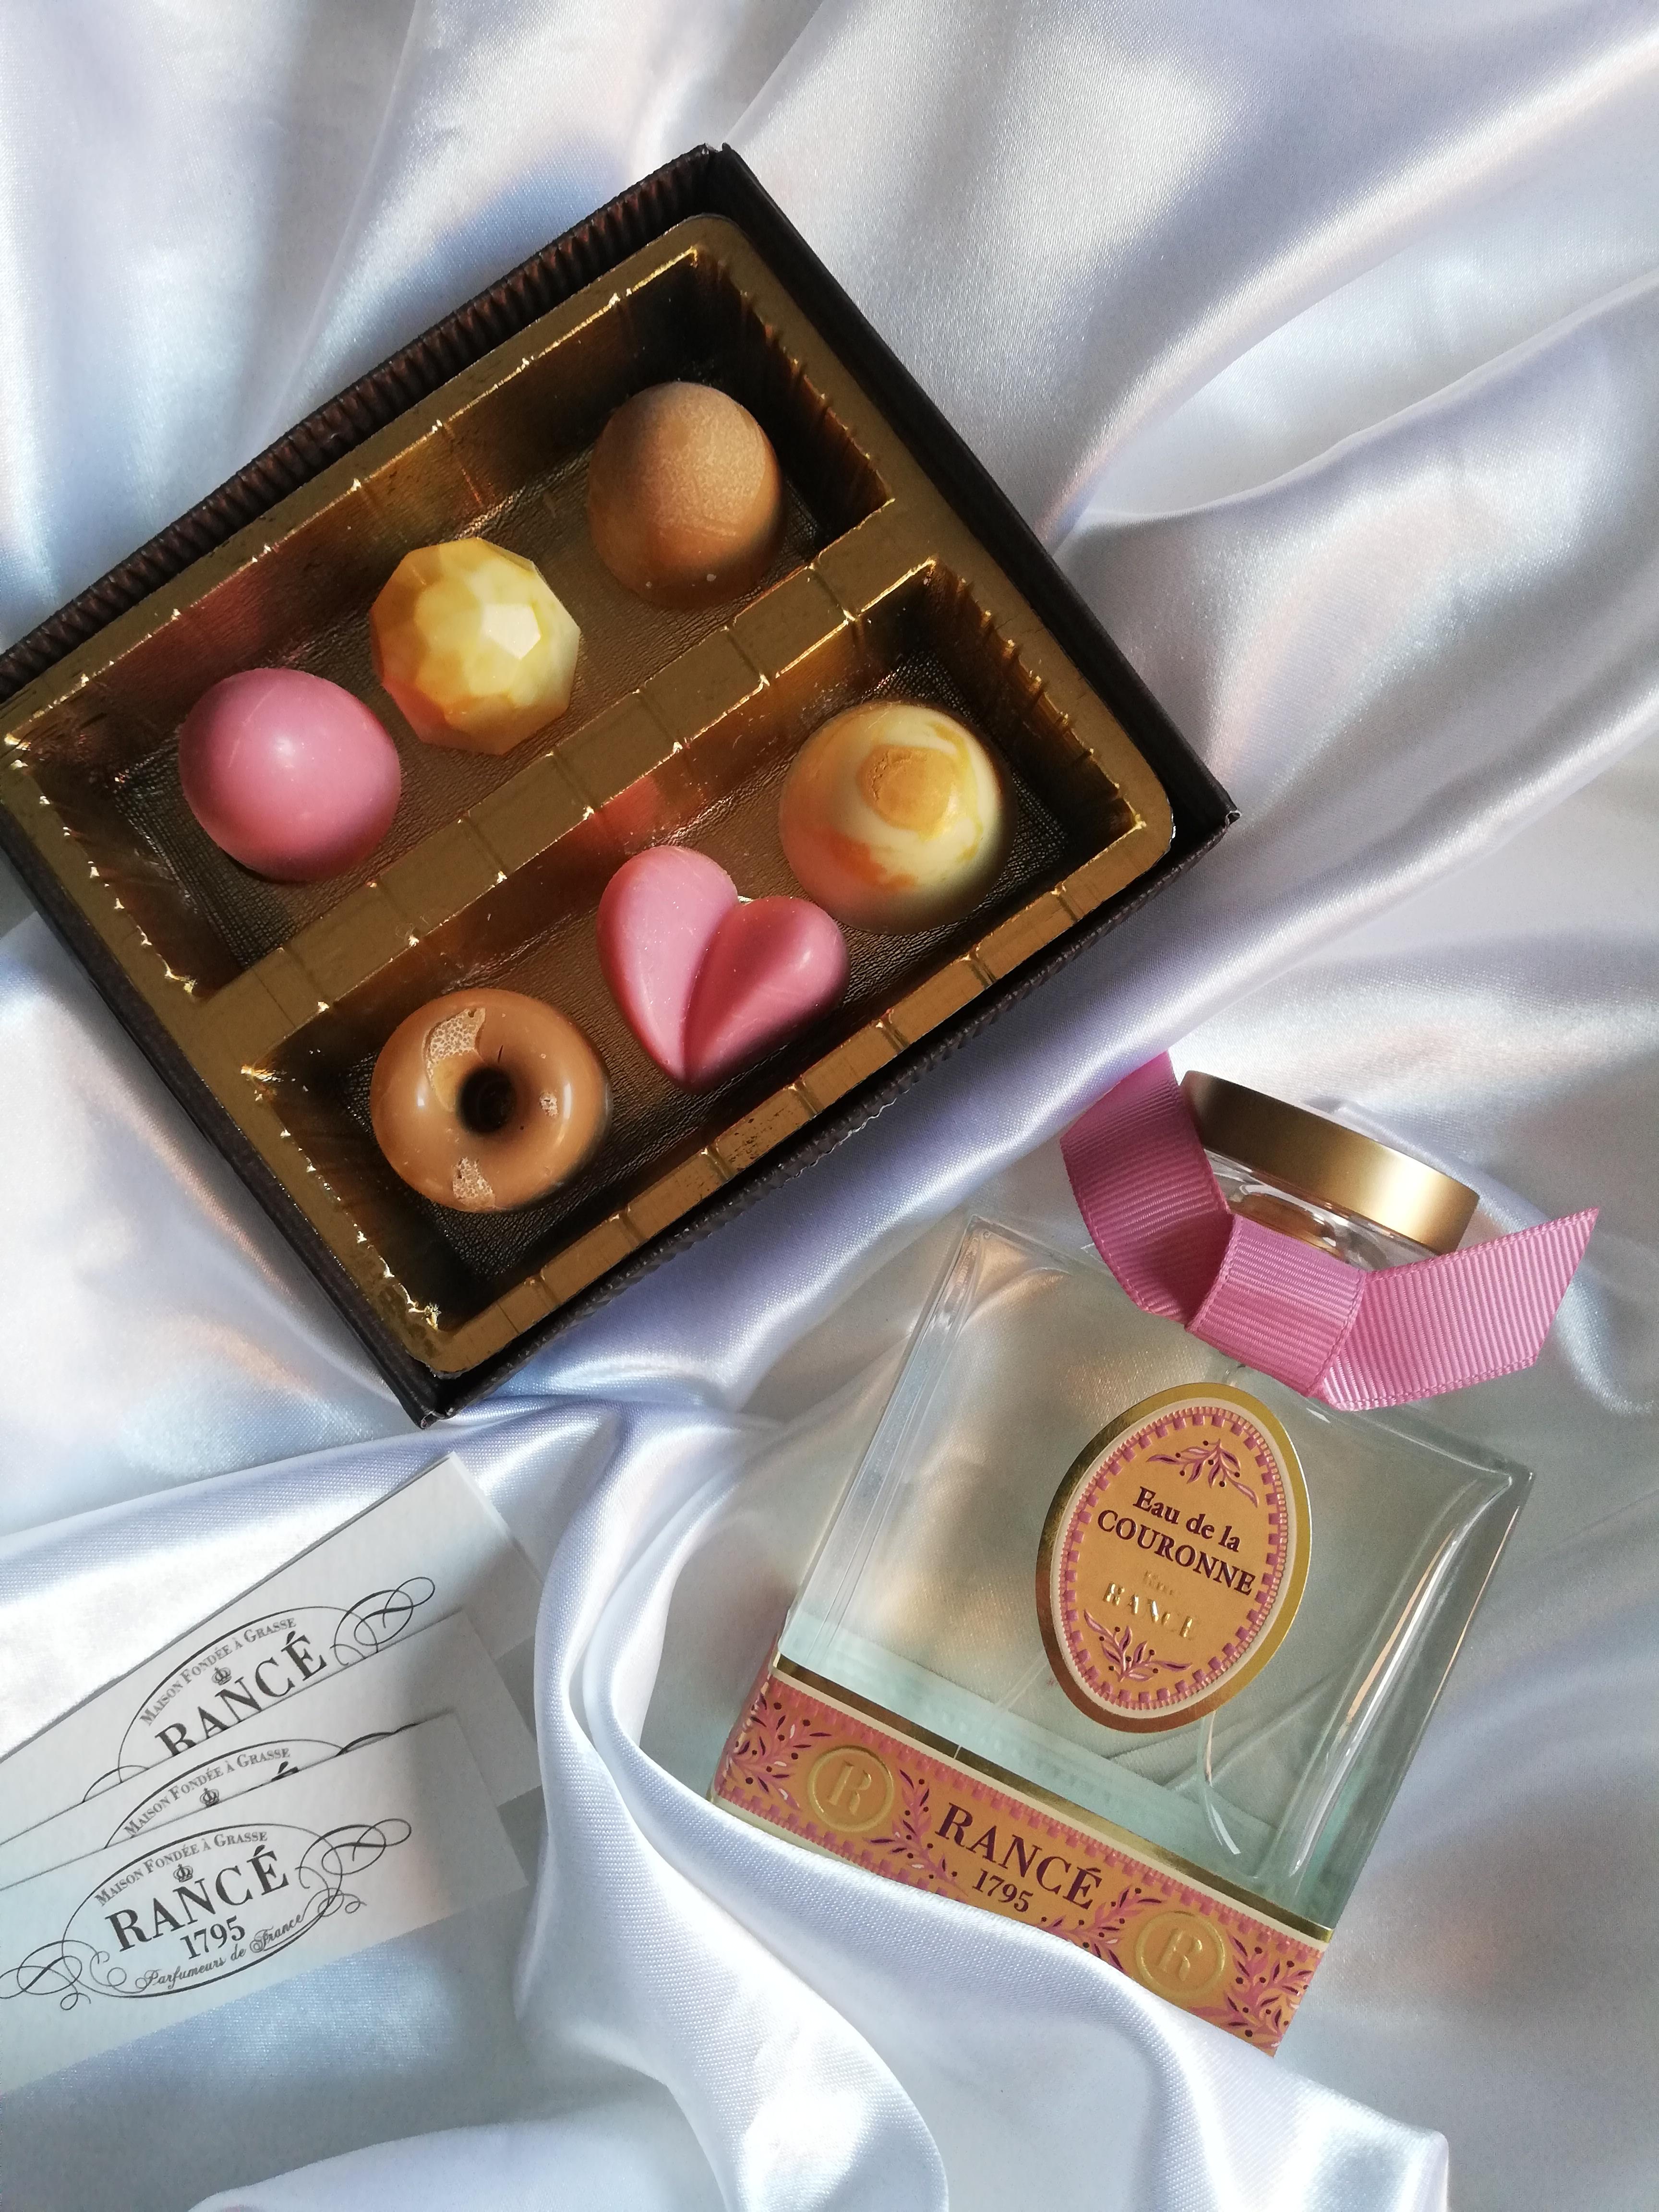 Degustazione olfattiva profumo e cioccolato, Rancé 1795